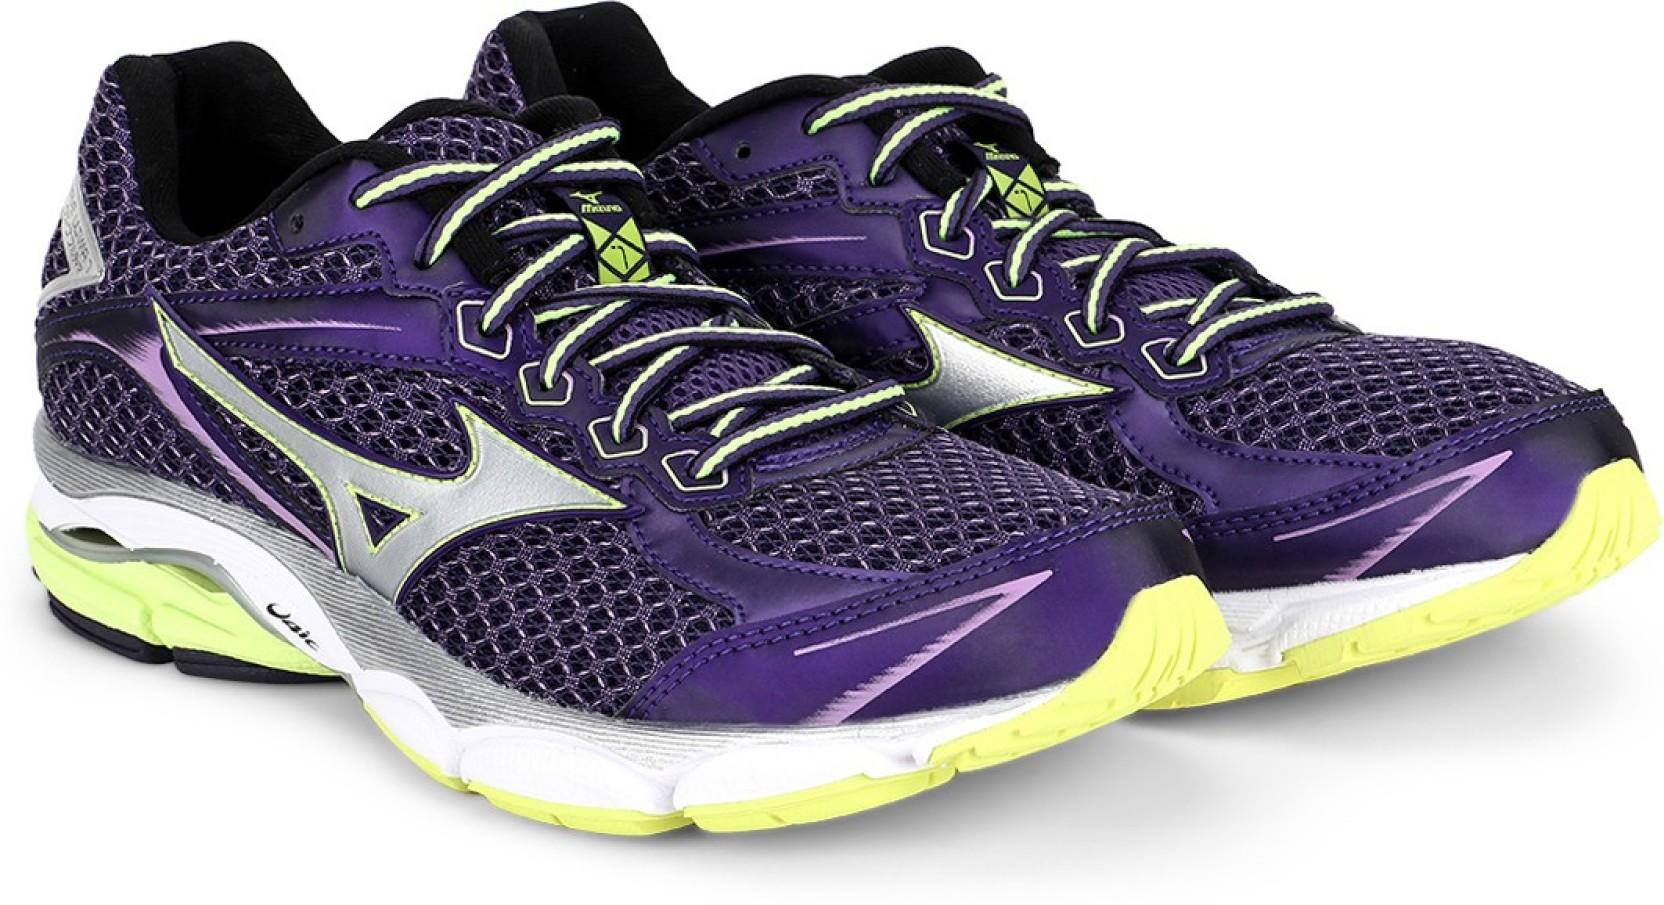 buy popular 3519e 7692b Mizuno Wave Ultima 7 (W) Running Shoes For Women (Purple, Yellow)